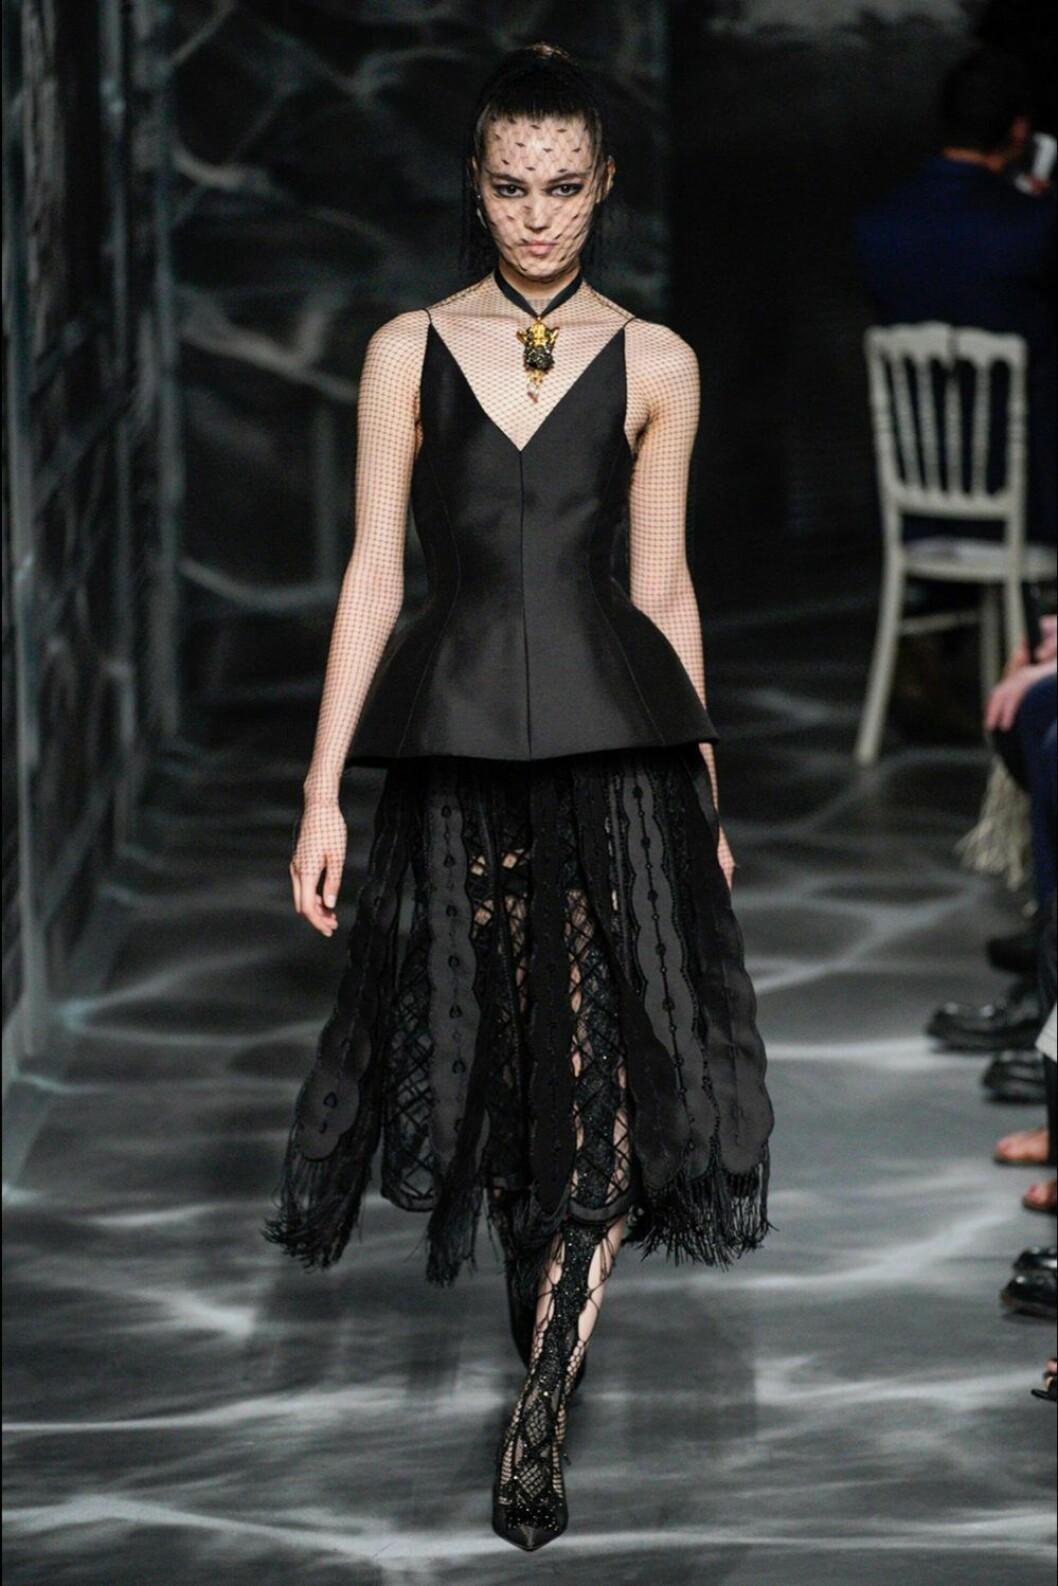 Christian Dior AW19/20, arbetad kjol och strukturerad topp.